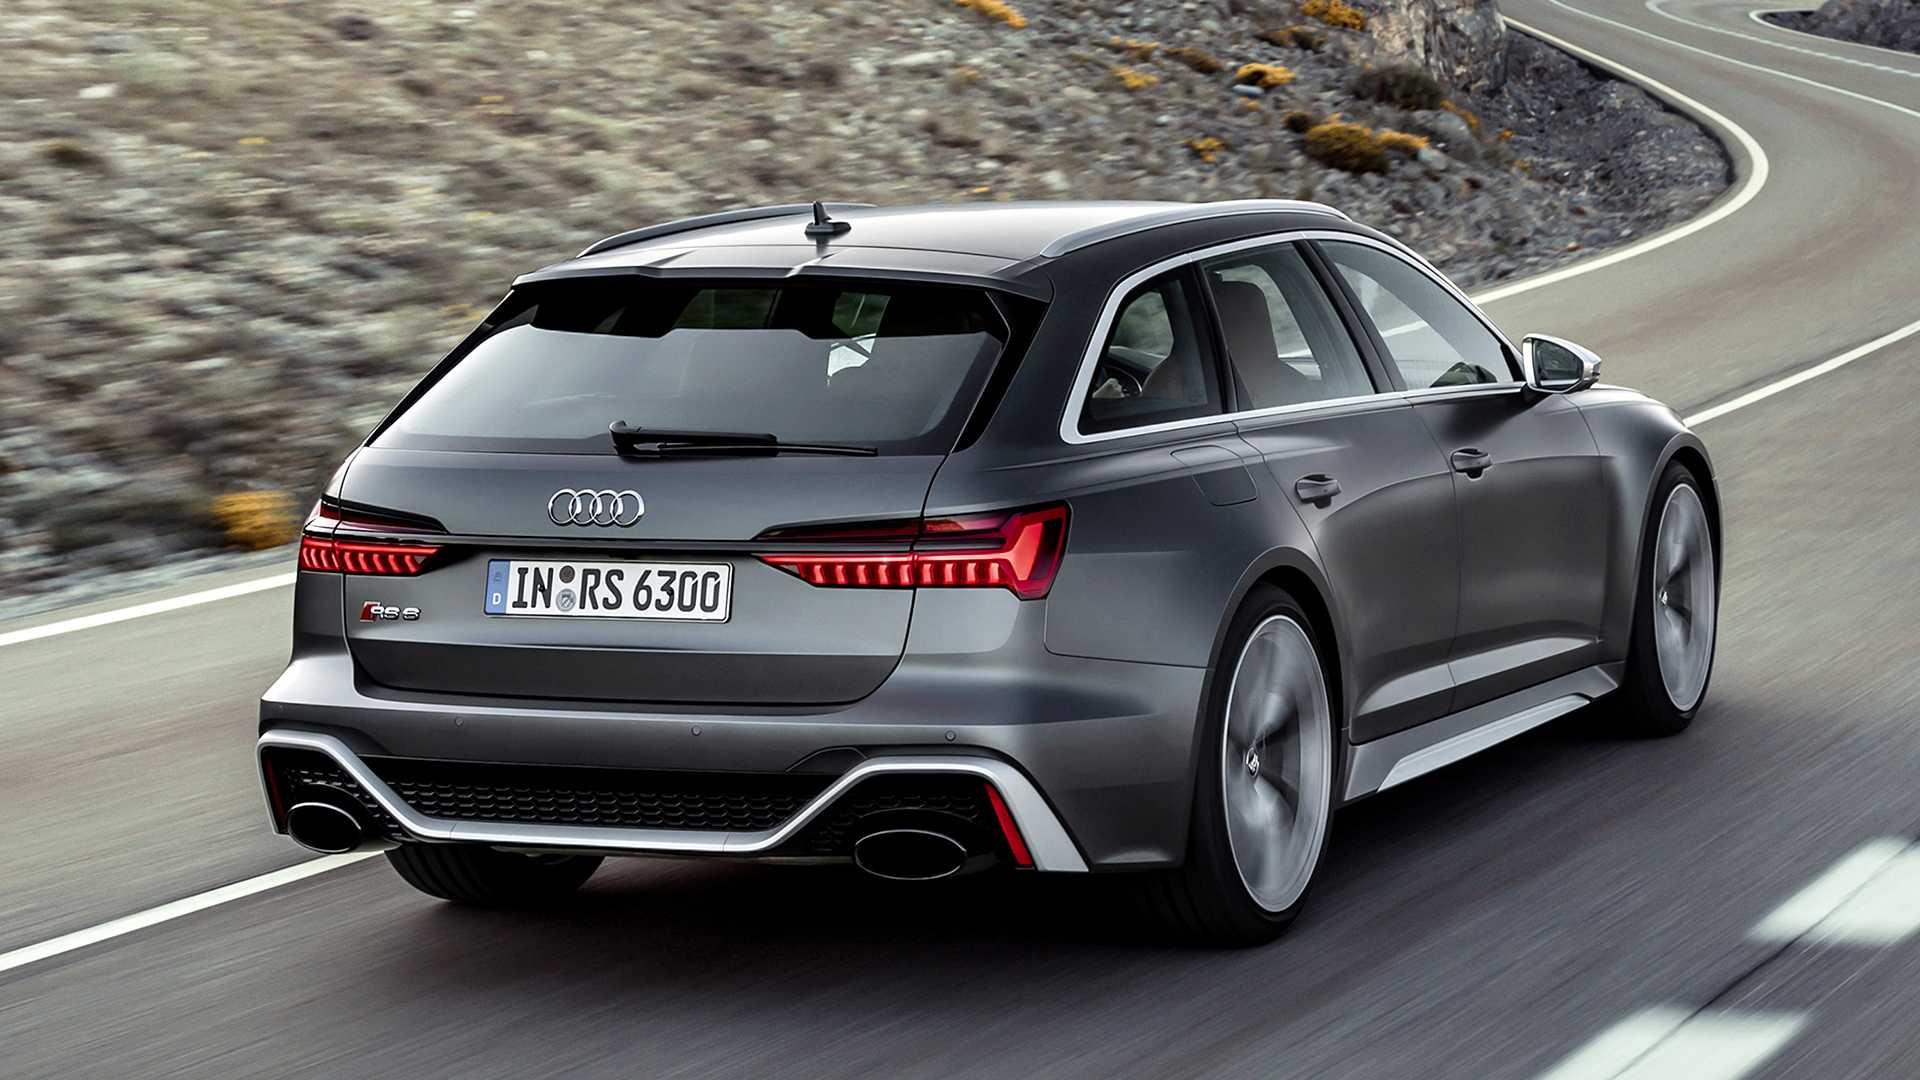 Audi RS6 Avant lần đầu ra mắt tại Mỹ kỷ niệm 25 năm dòng xe RS của Audi - 8